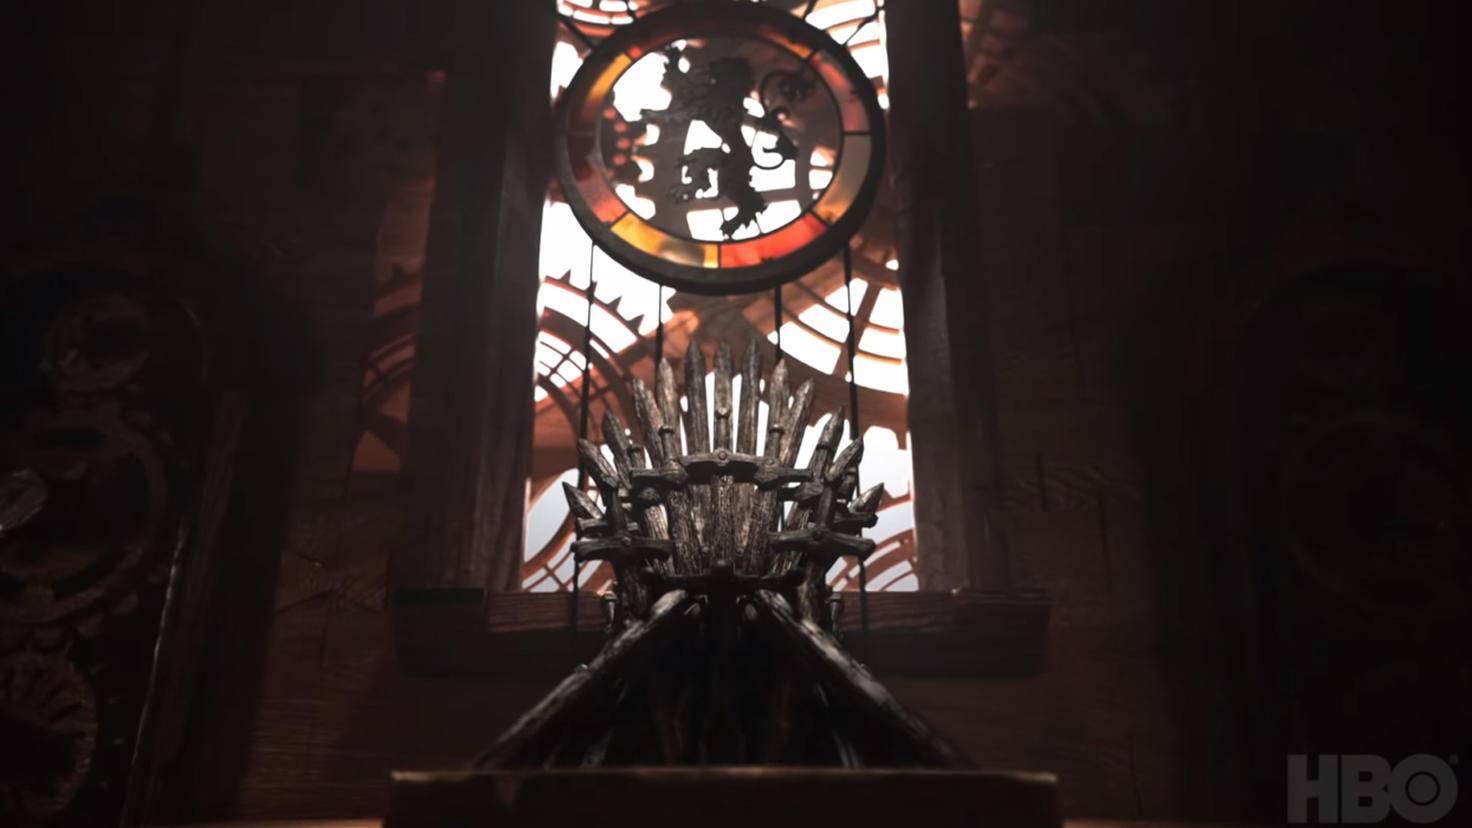 Und natürlich zu guter Letzt der Eiserne Thron.